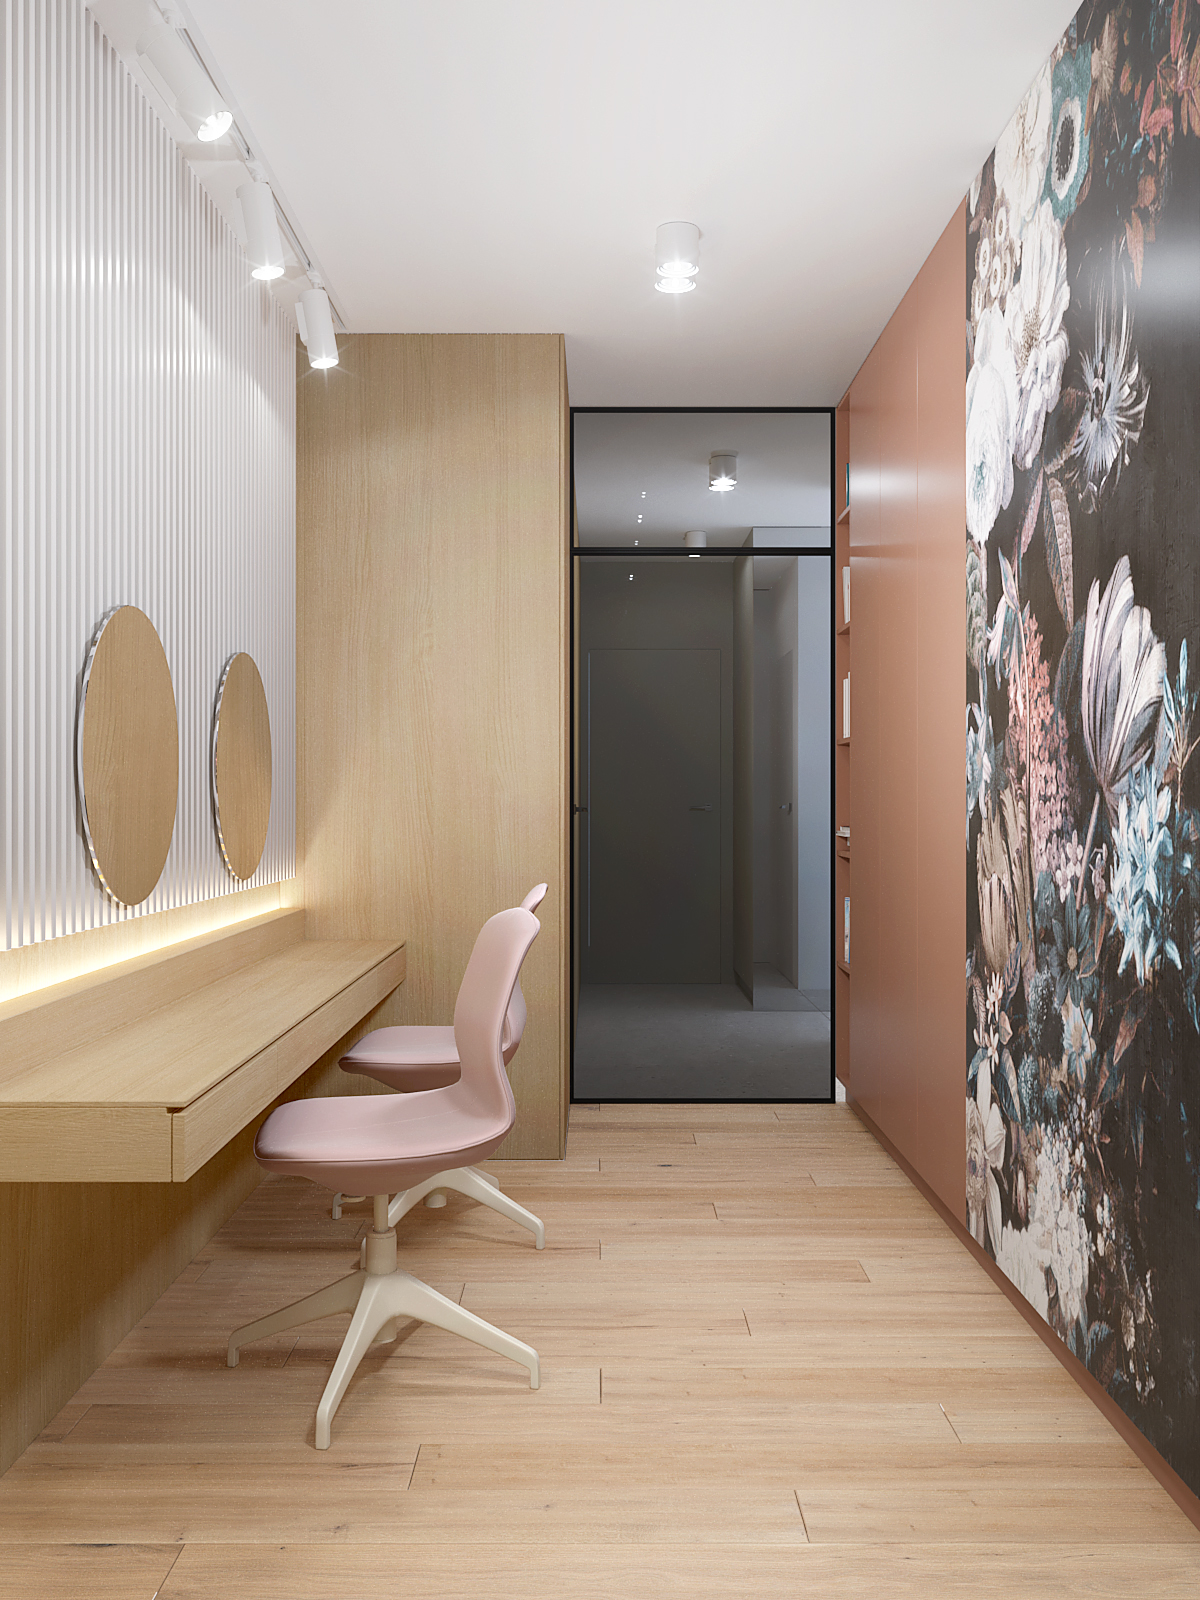 8 projektant wnetrz D423 poddasze Myslowice pokoj do makijazu okragle lustro loftowe przeszklenie tapeta w kwiaty